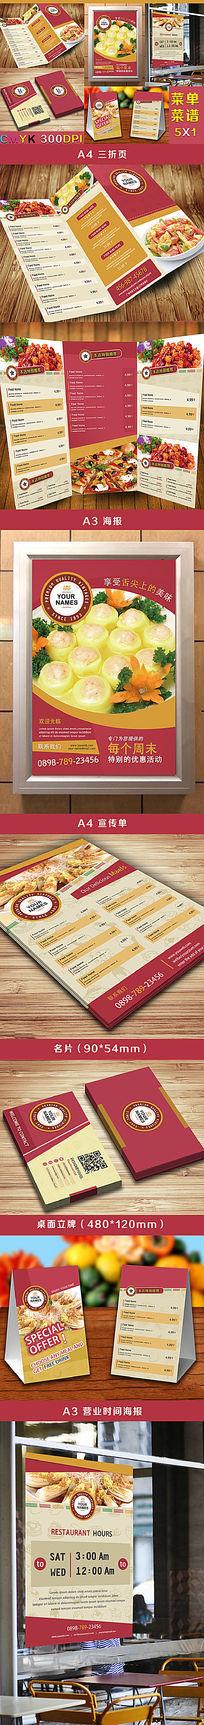 高档餐厅菜谱设计模板